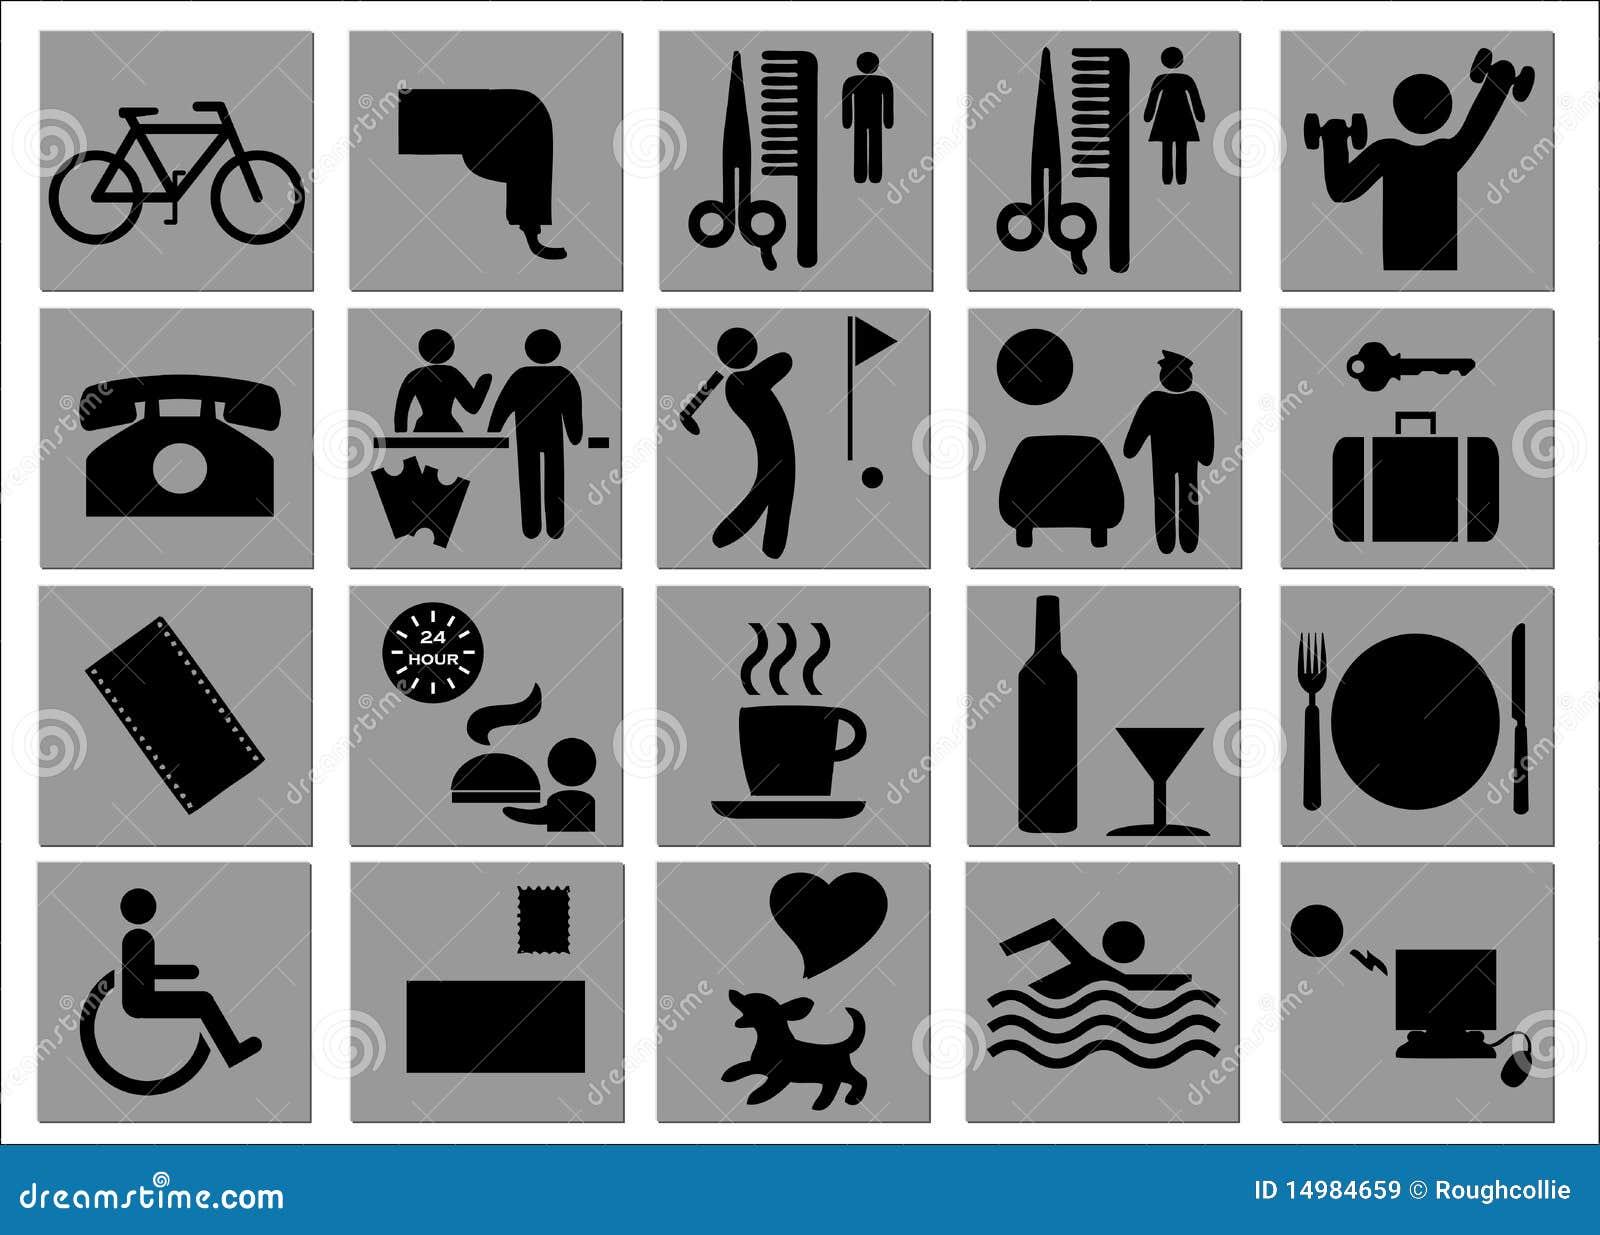 Citaten Vrije Tijd : De tekens van het hotel en vrije tijd symbolen